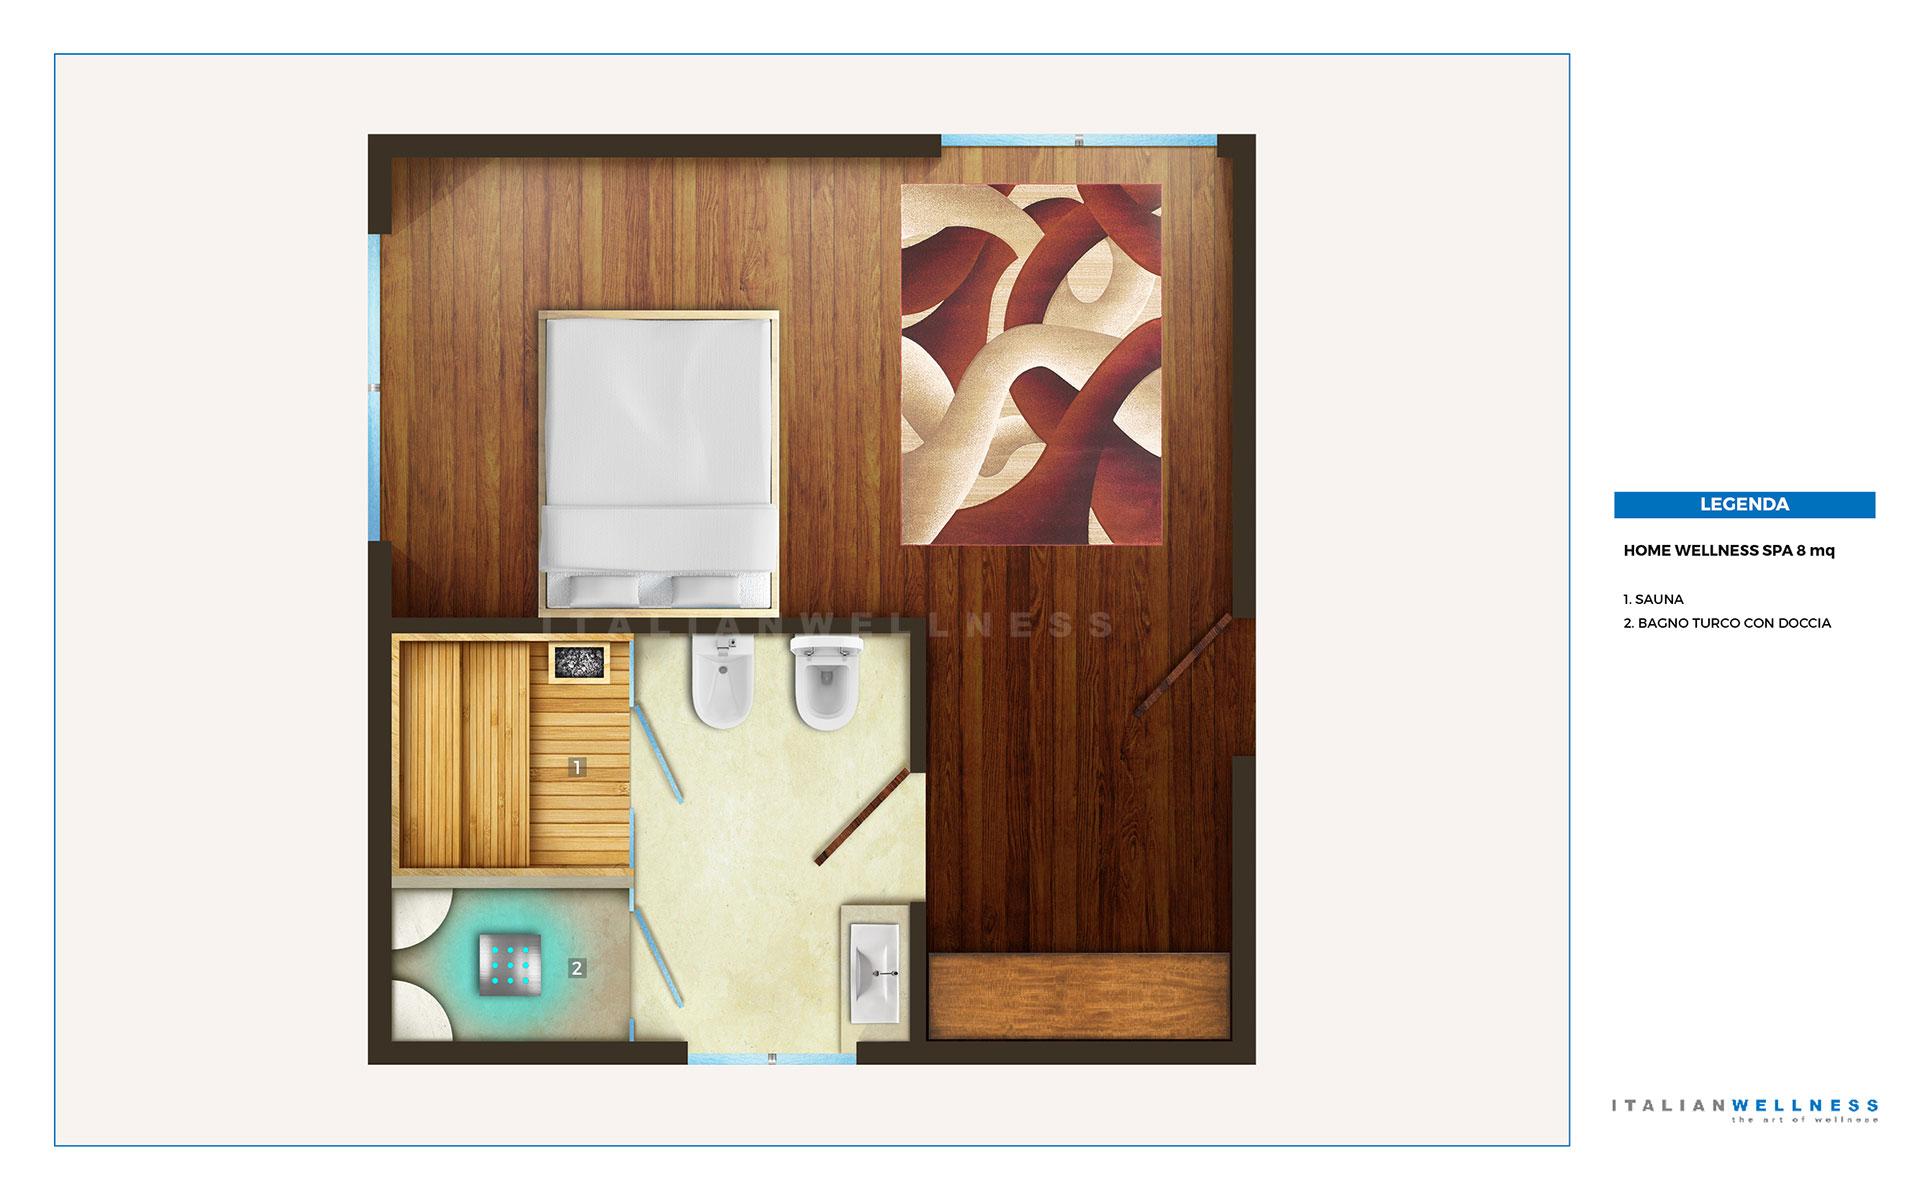 italian-wellness-realizzazione-home-welness-spa-in-casa